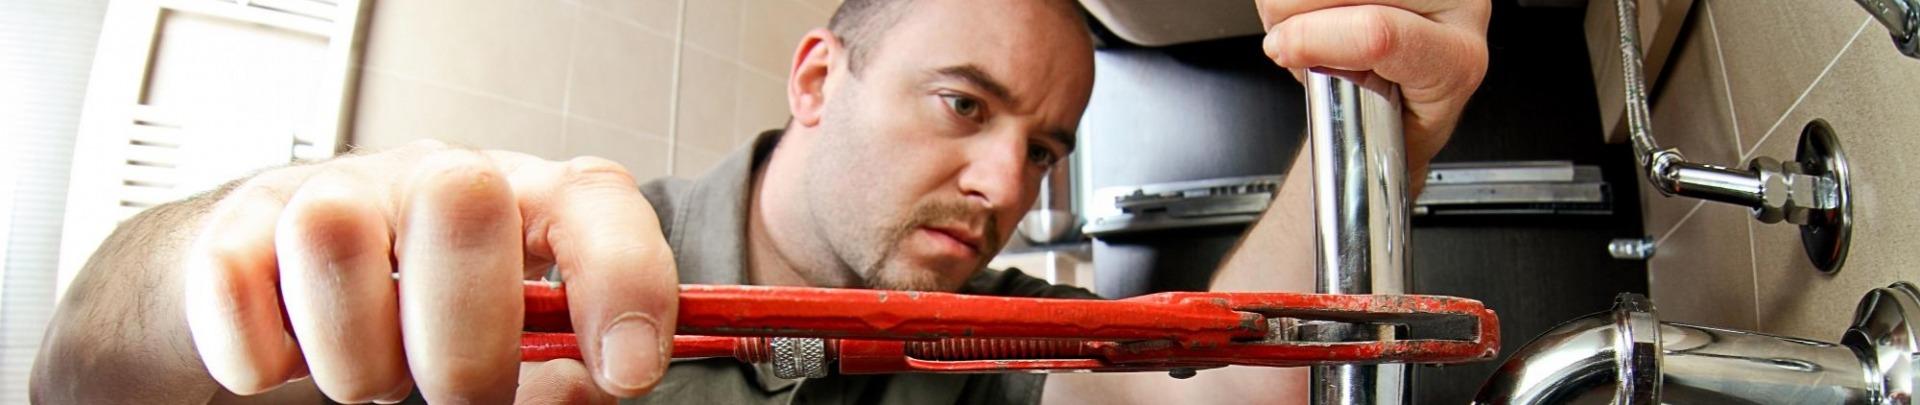 Loodgieter werkt aan leiding